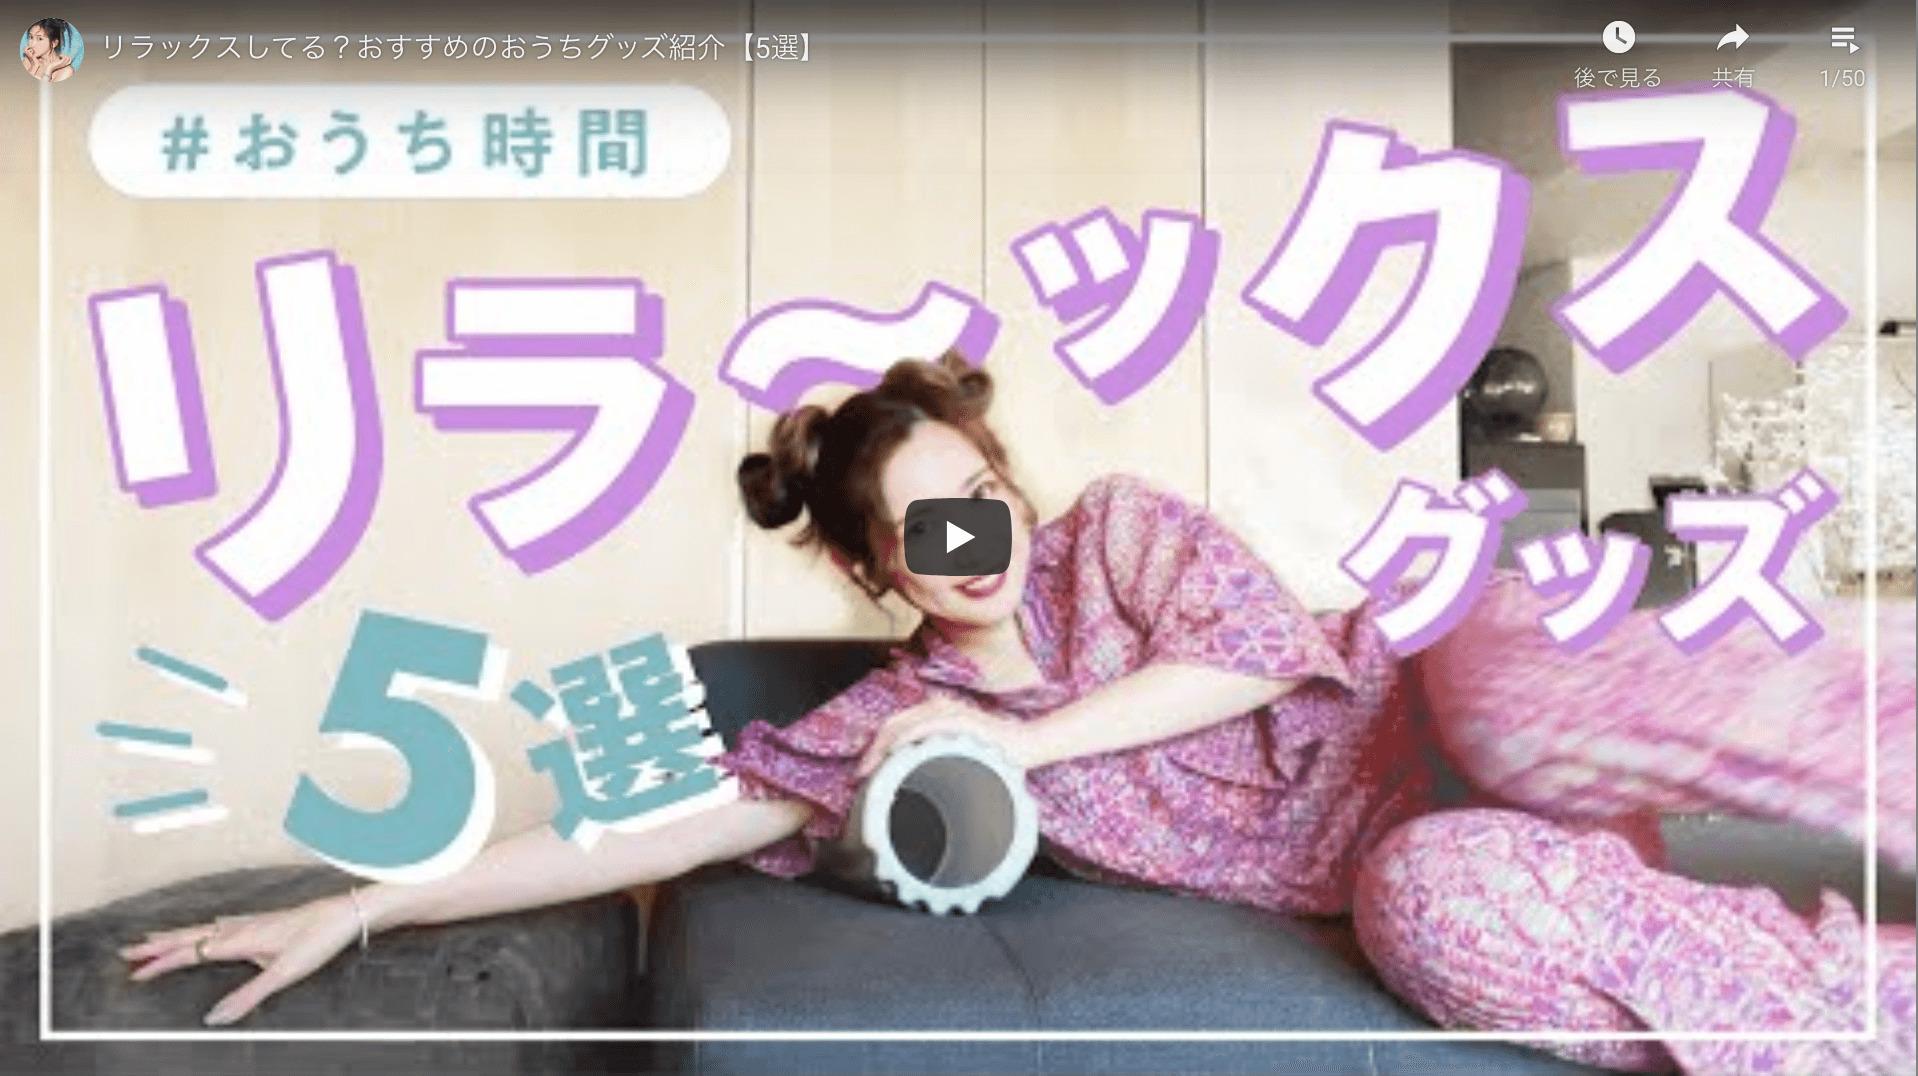 紗栄子さんが「おうち時間のおすすめリラックスグッズ 5選」を公開